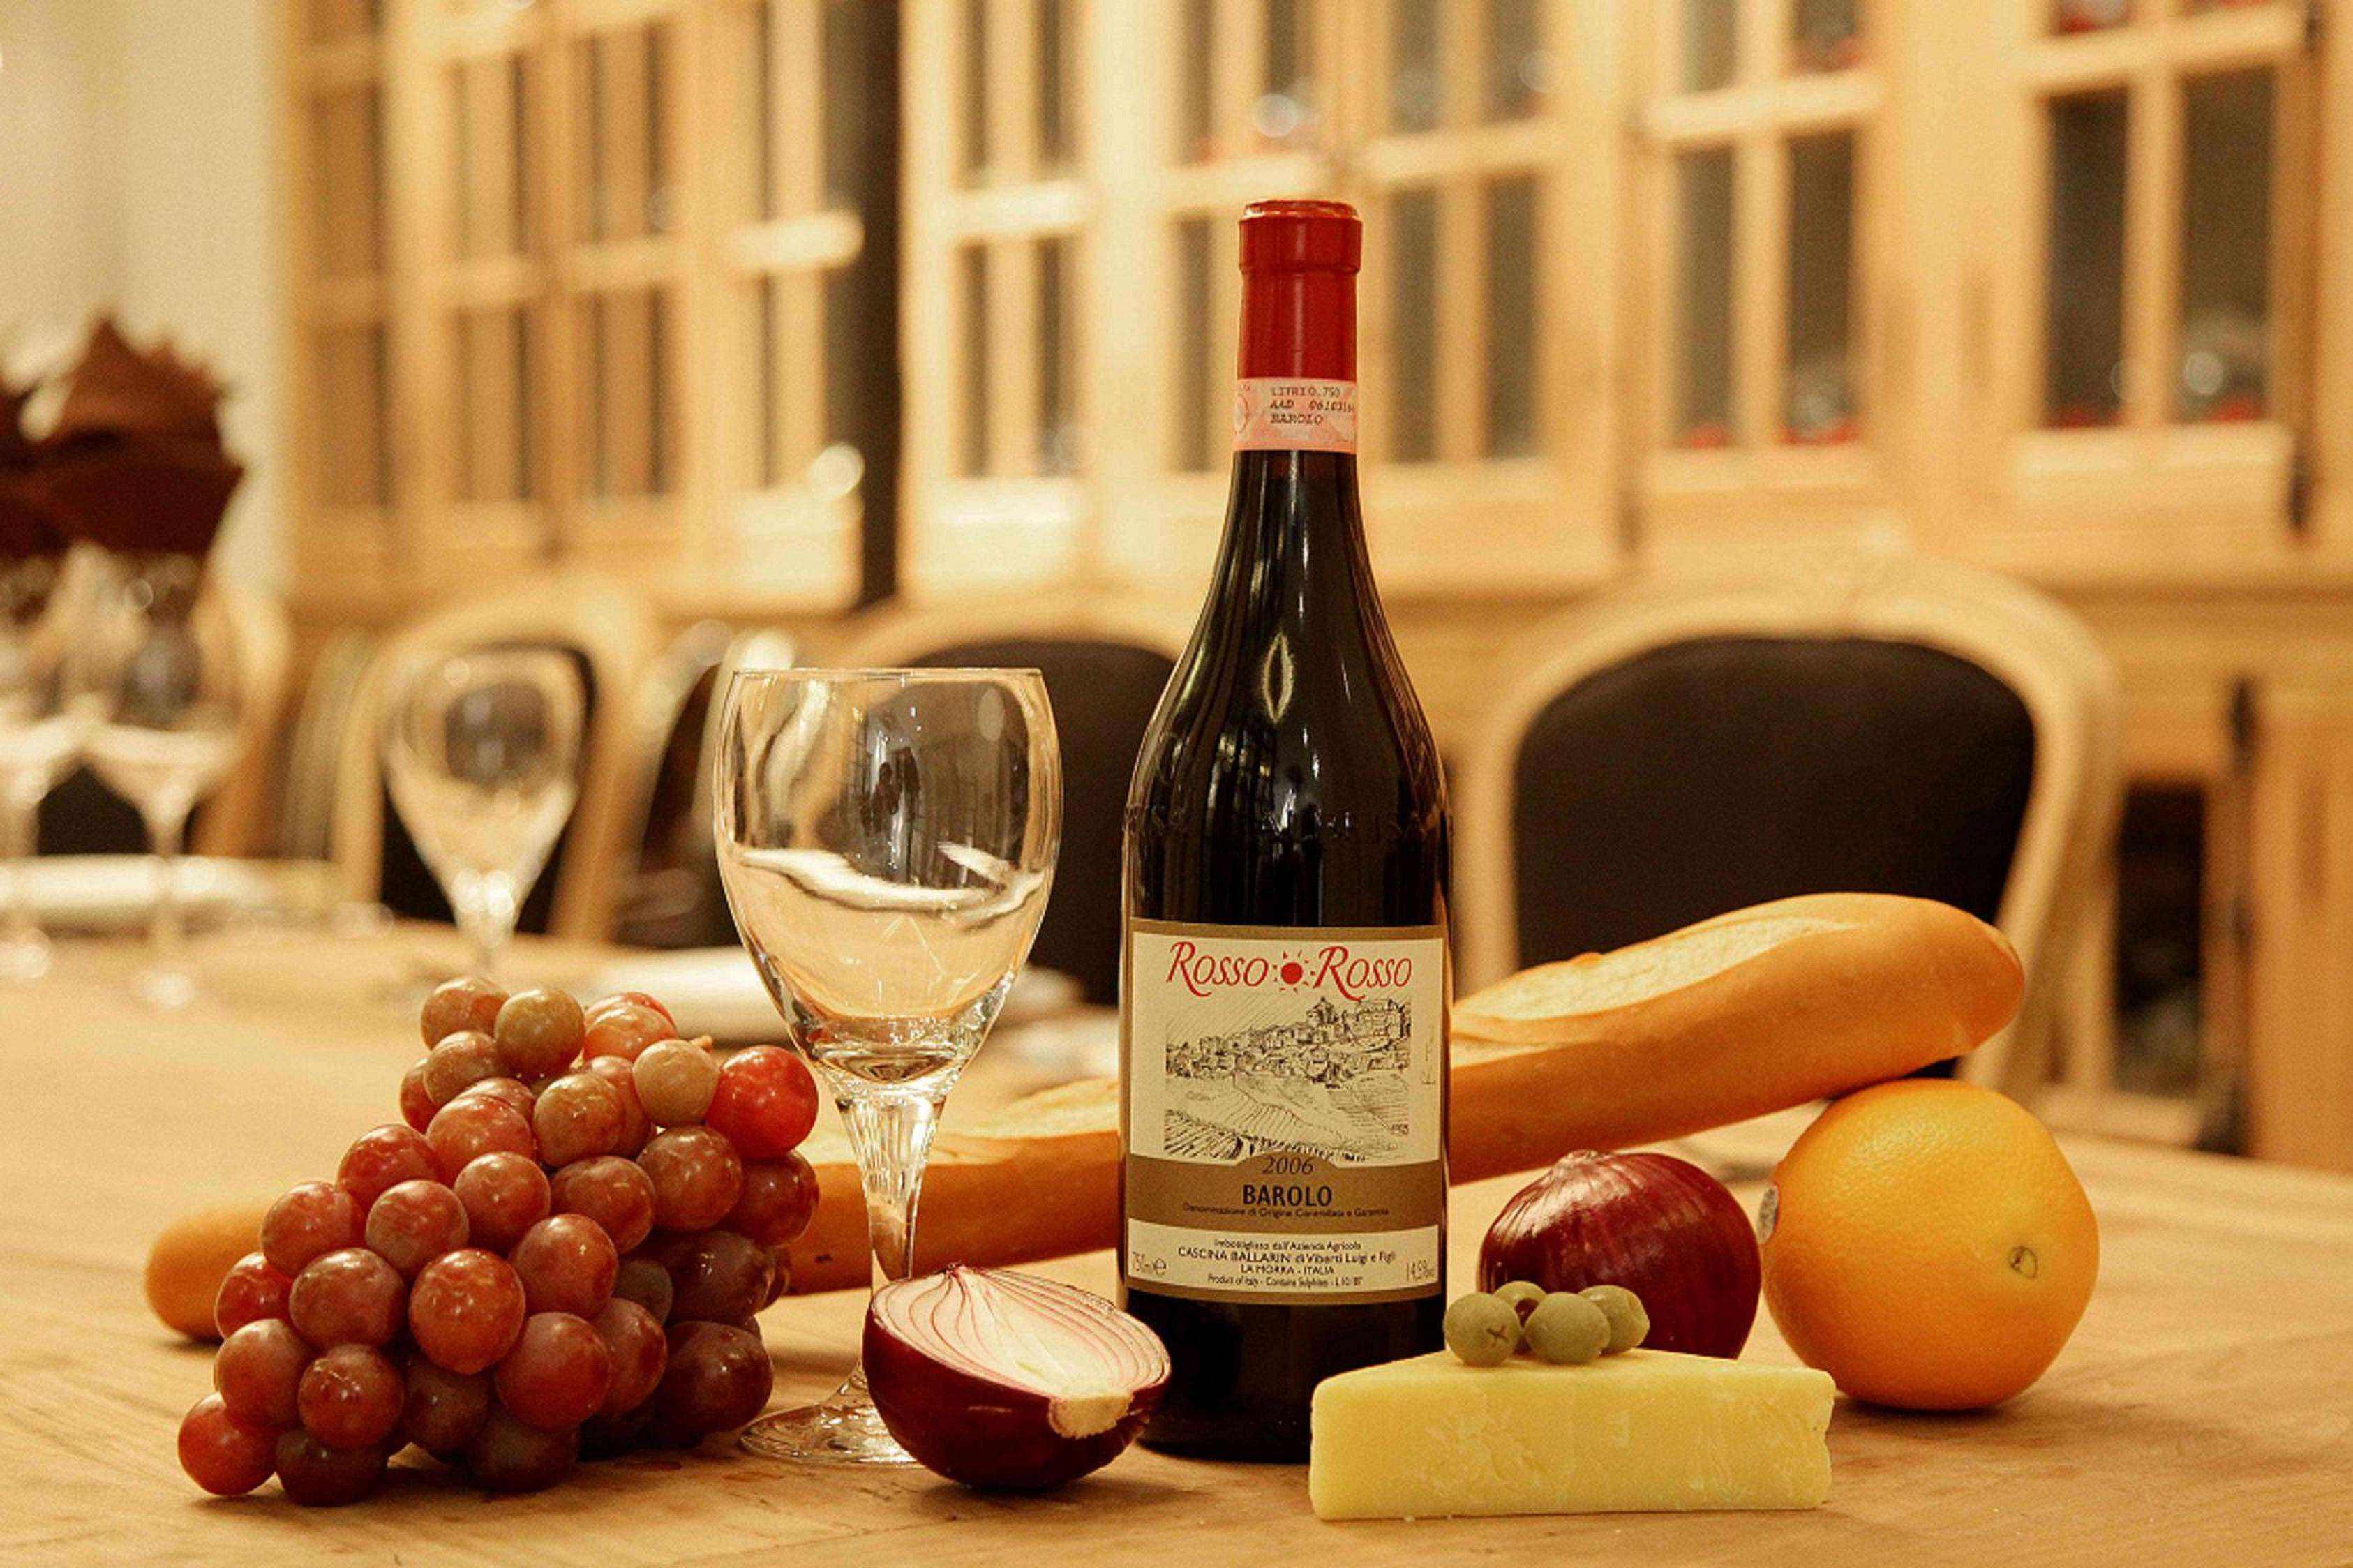 葡萄酒中有热带水果香气,你有感受到吗